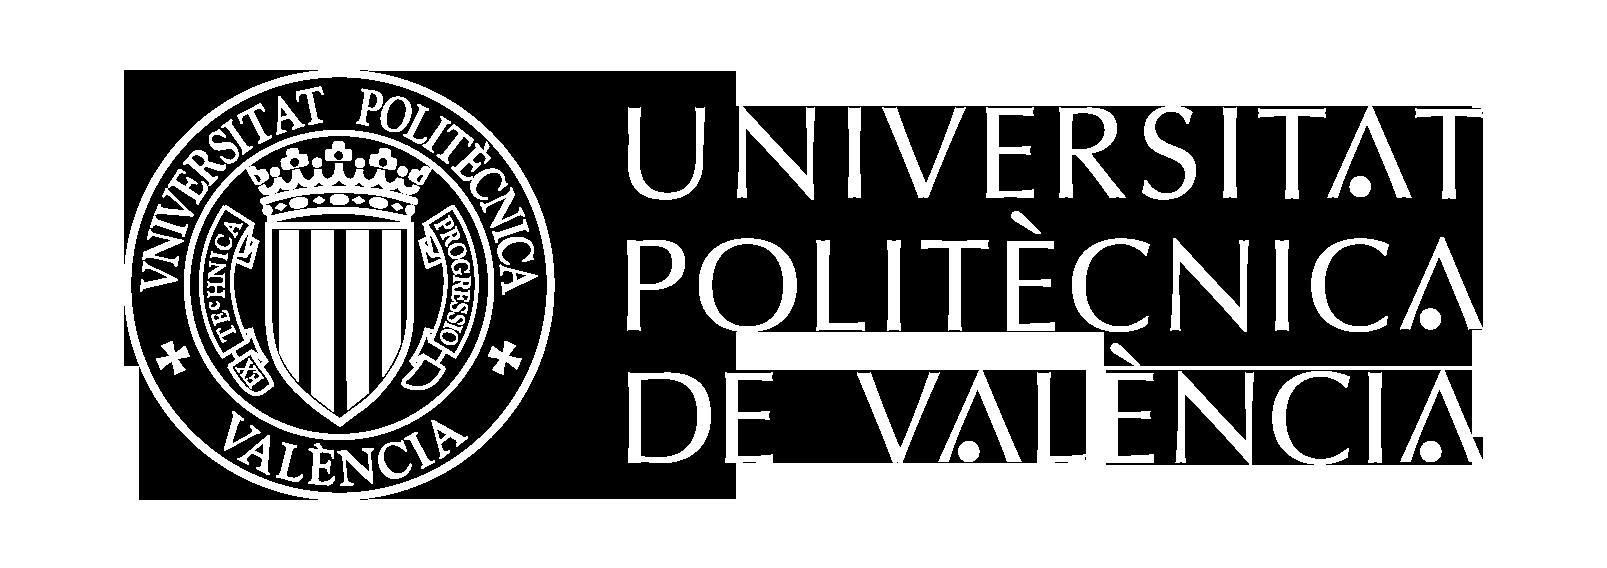 Corporate Visual Identity Upv Universitat Politecnica De Valencia